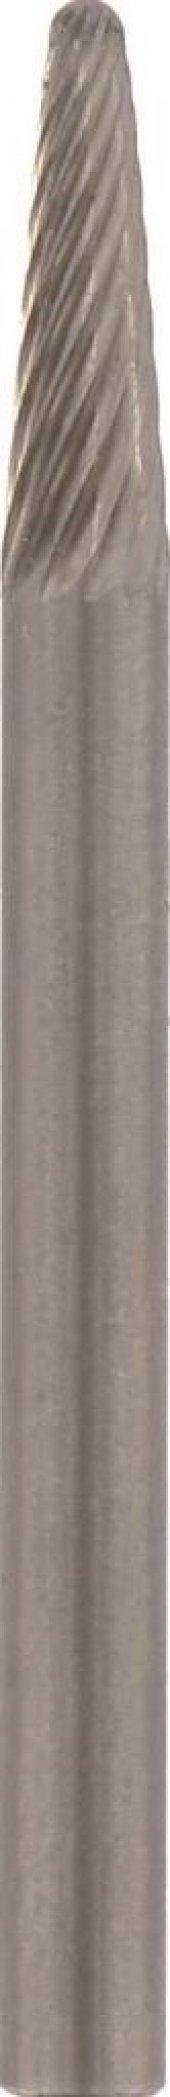 Dremel Tungsten Karpit Kesici Mızrak Uçlu 3,2 Mm (...